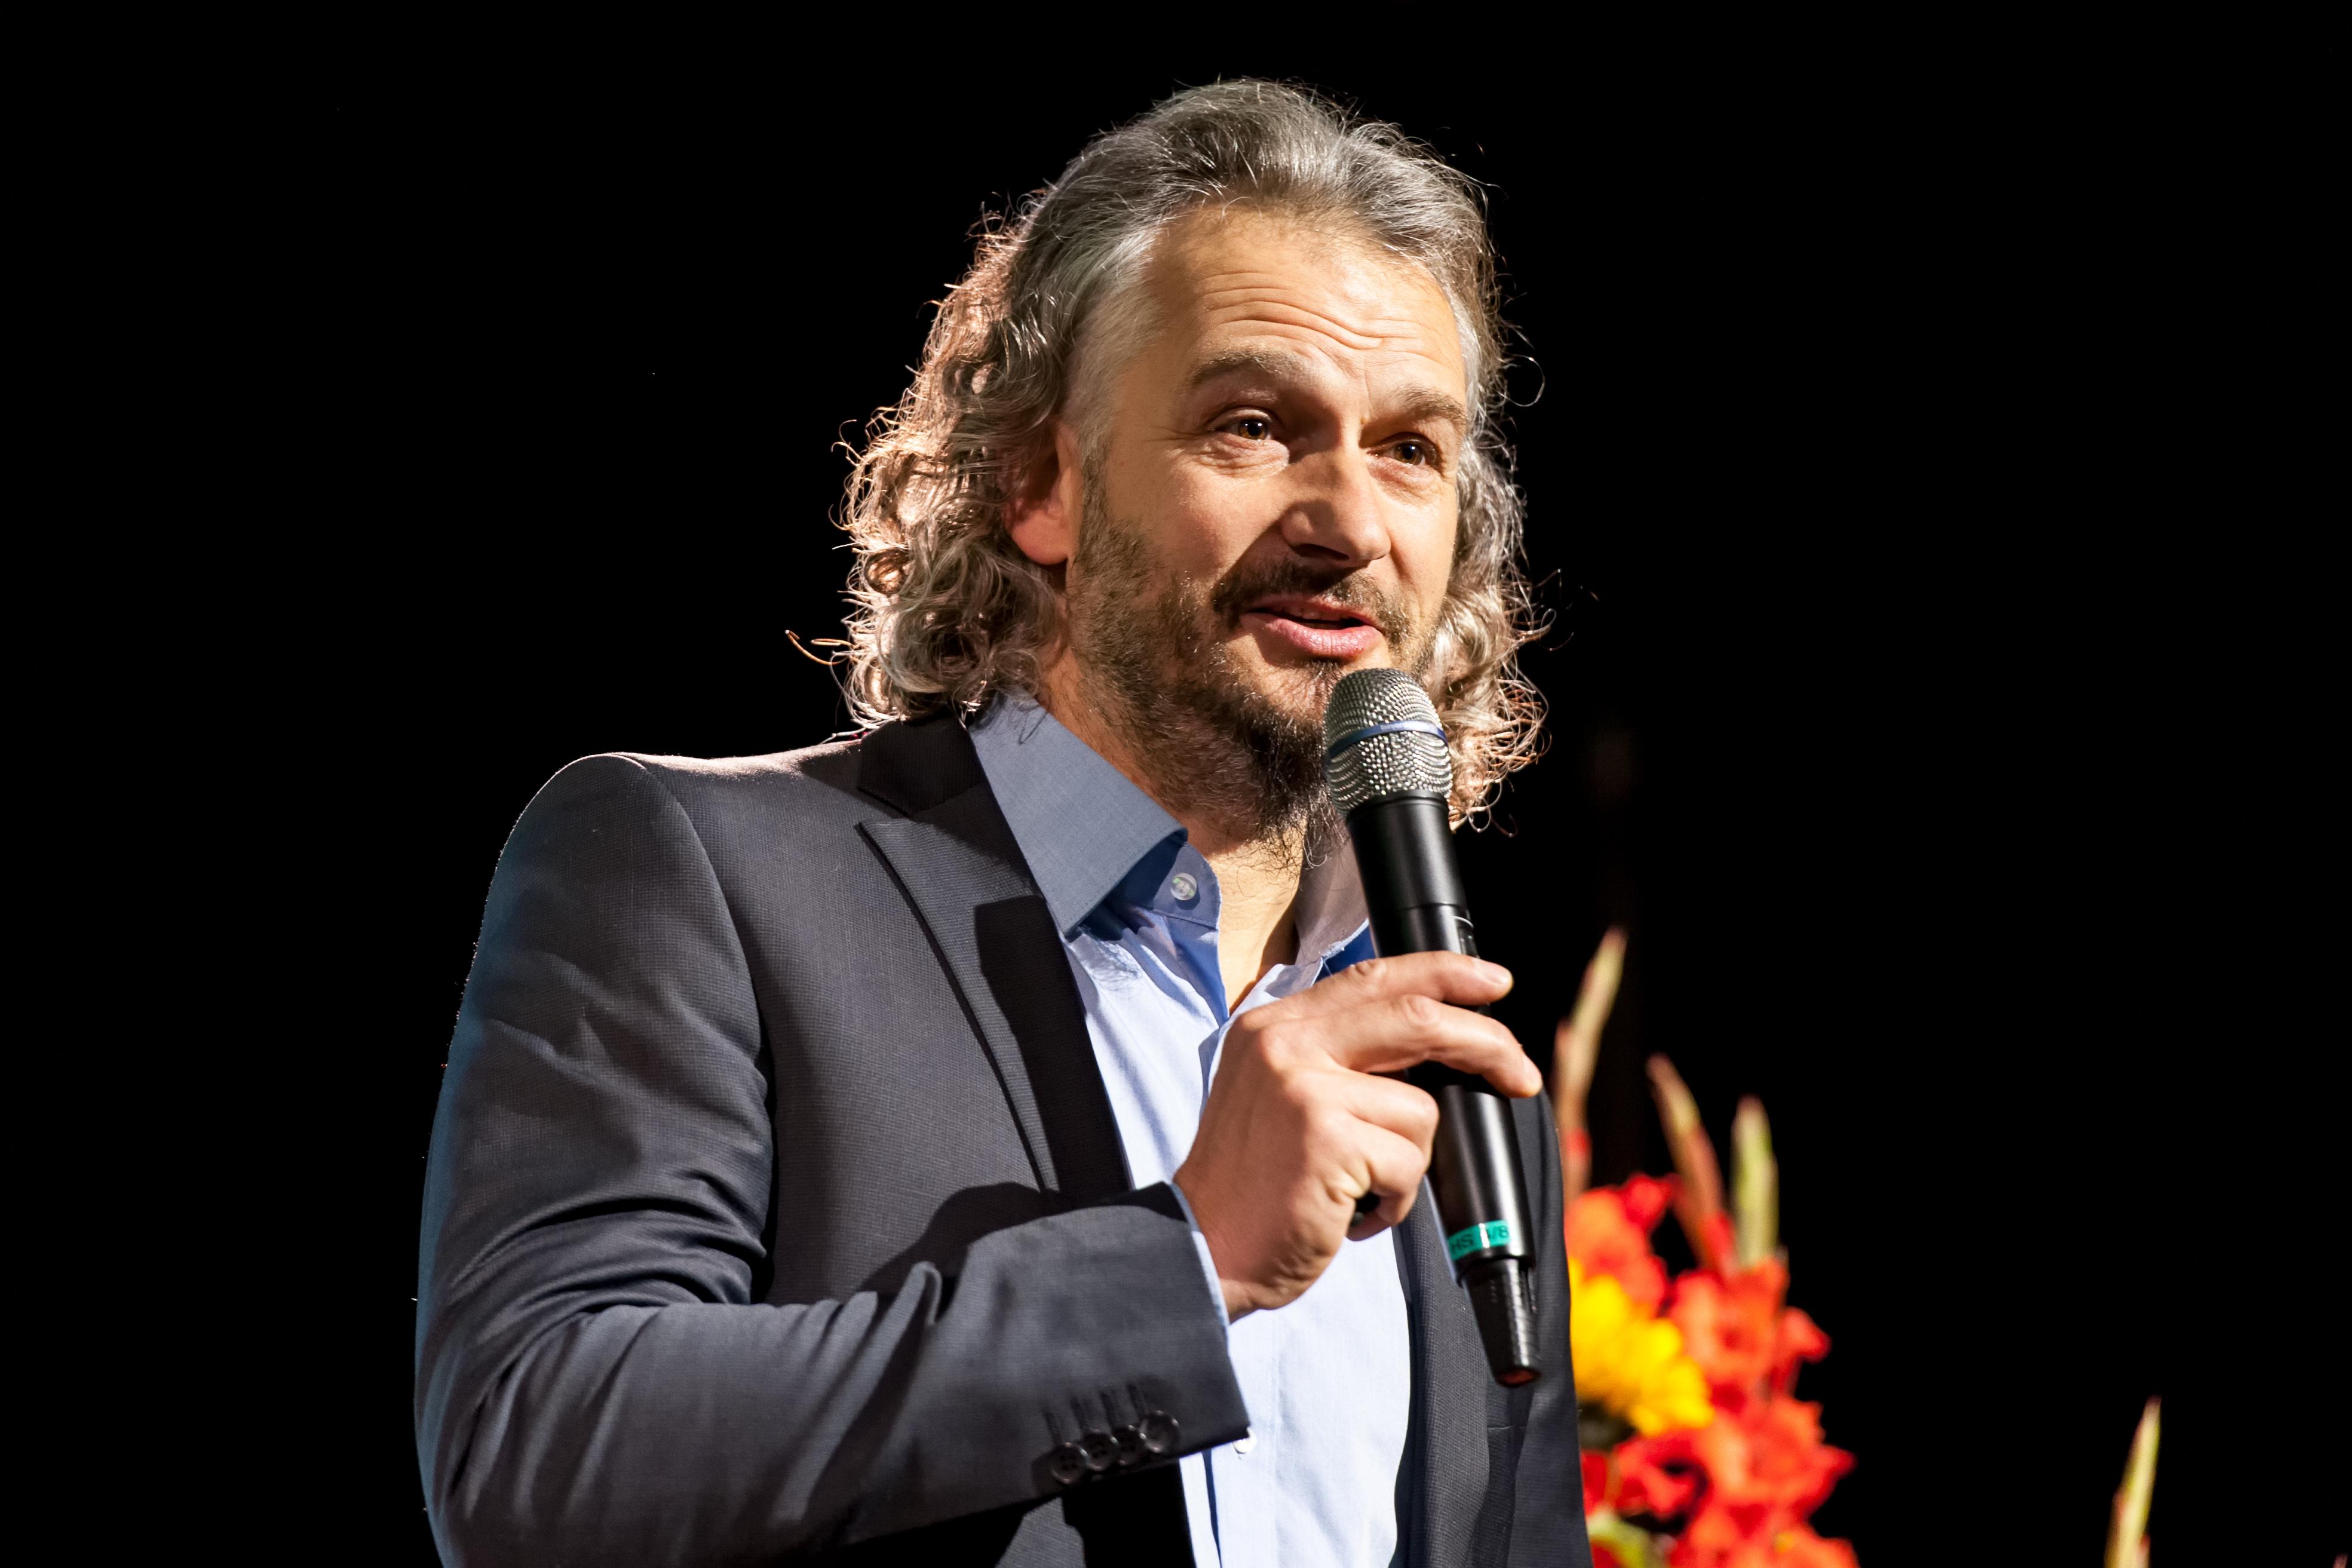 Dr. Rolf Kron